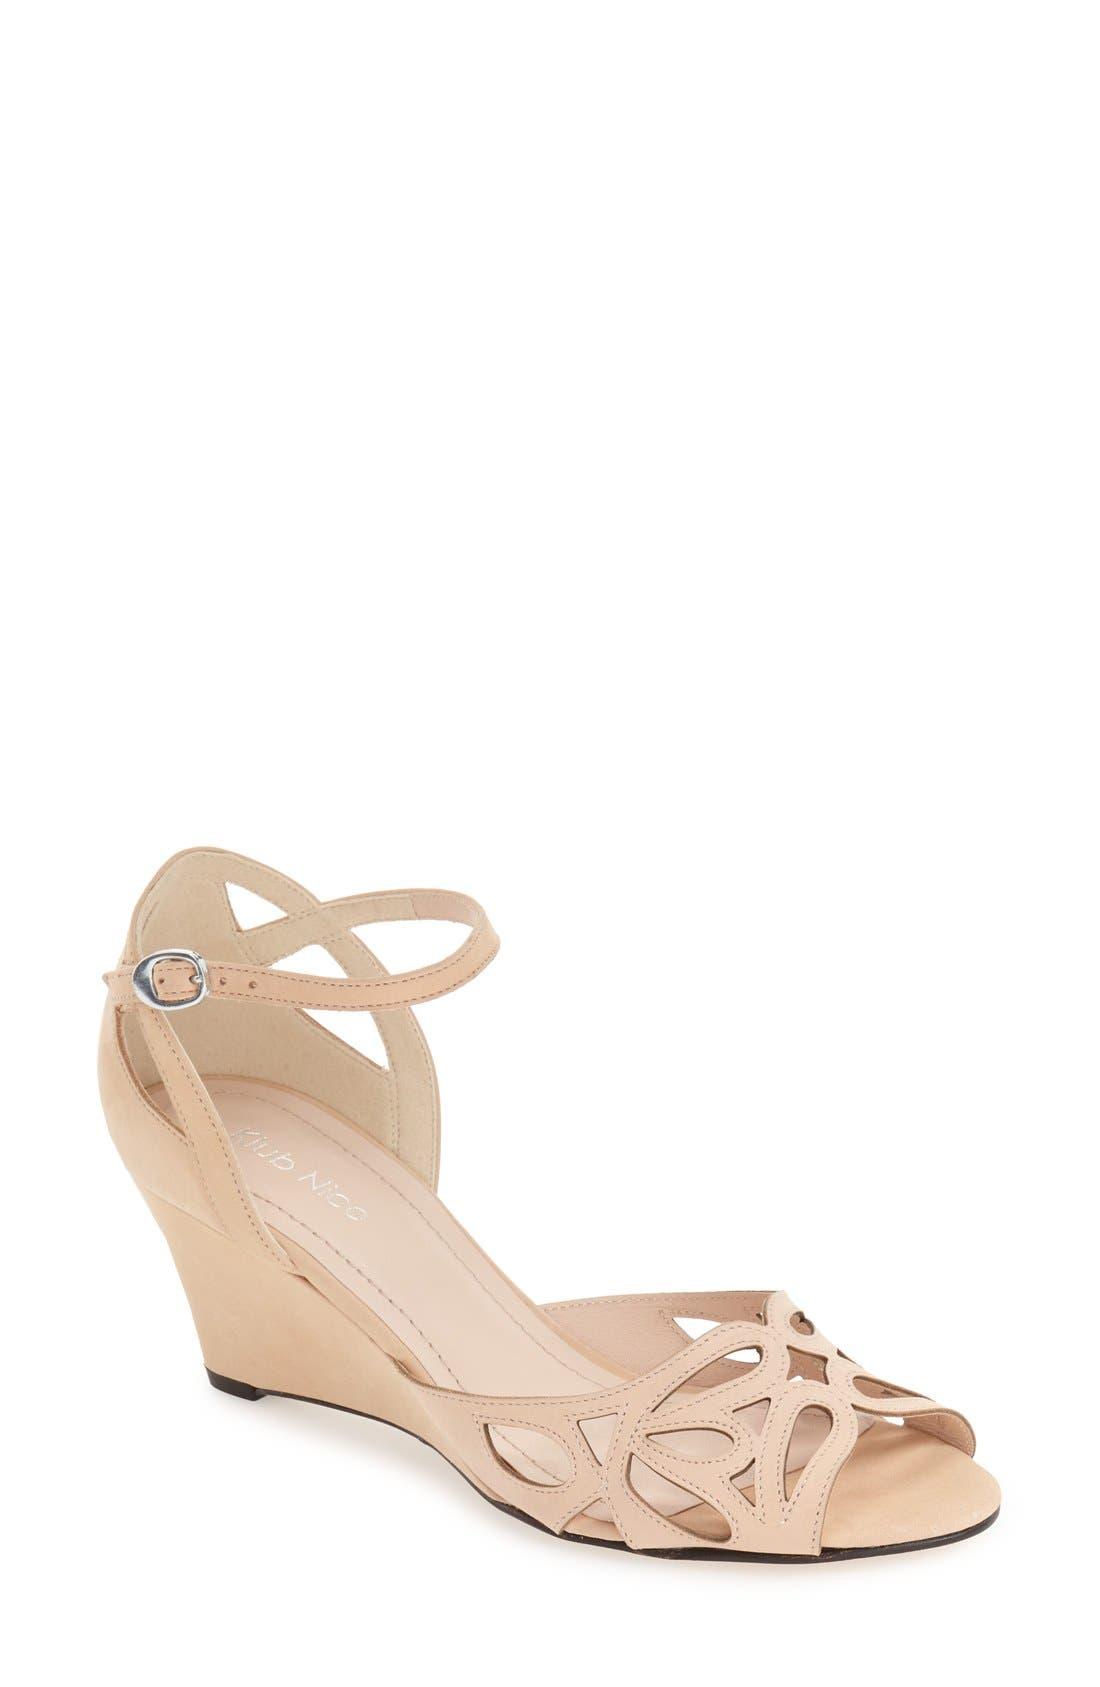 'Kismet' Wedge Sandal,                         Main,                         color, NUDE NUBUCK LEATHER